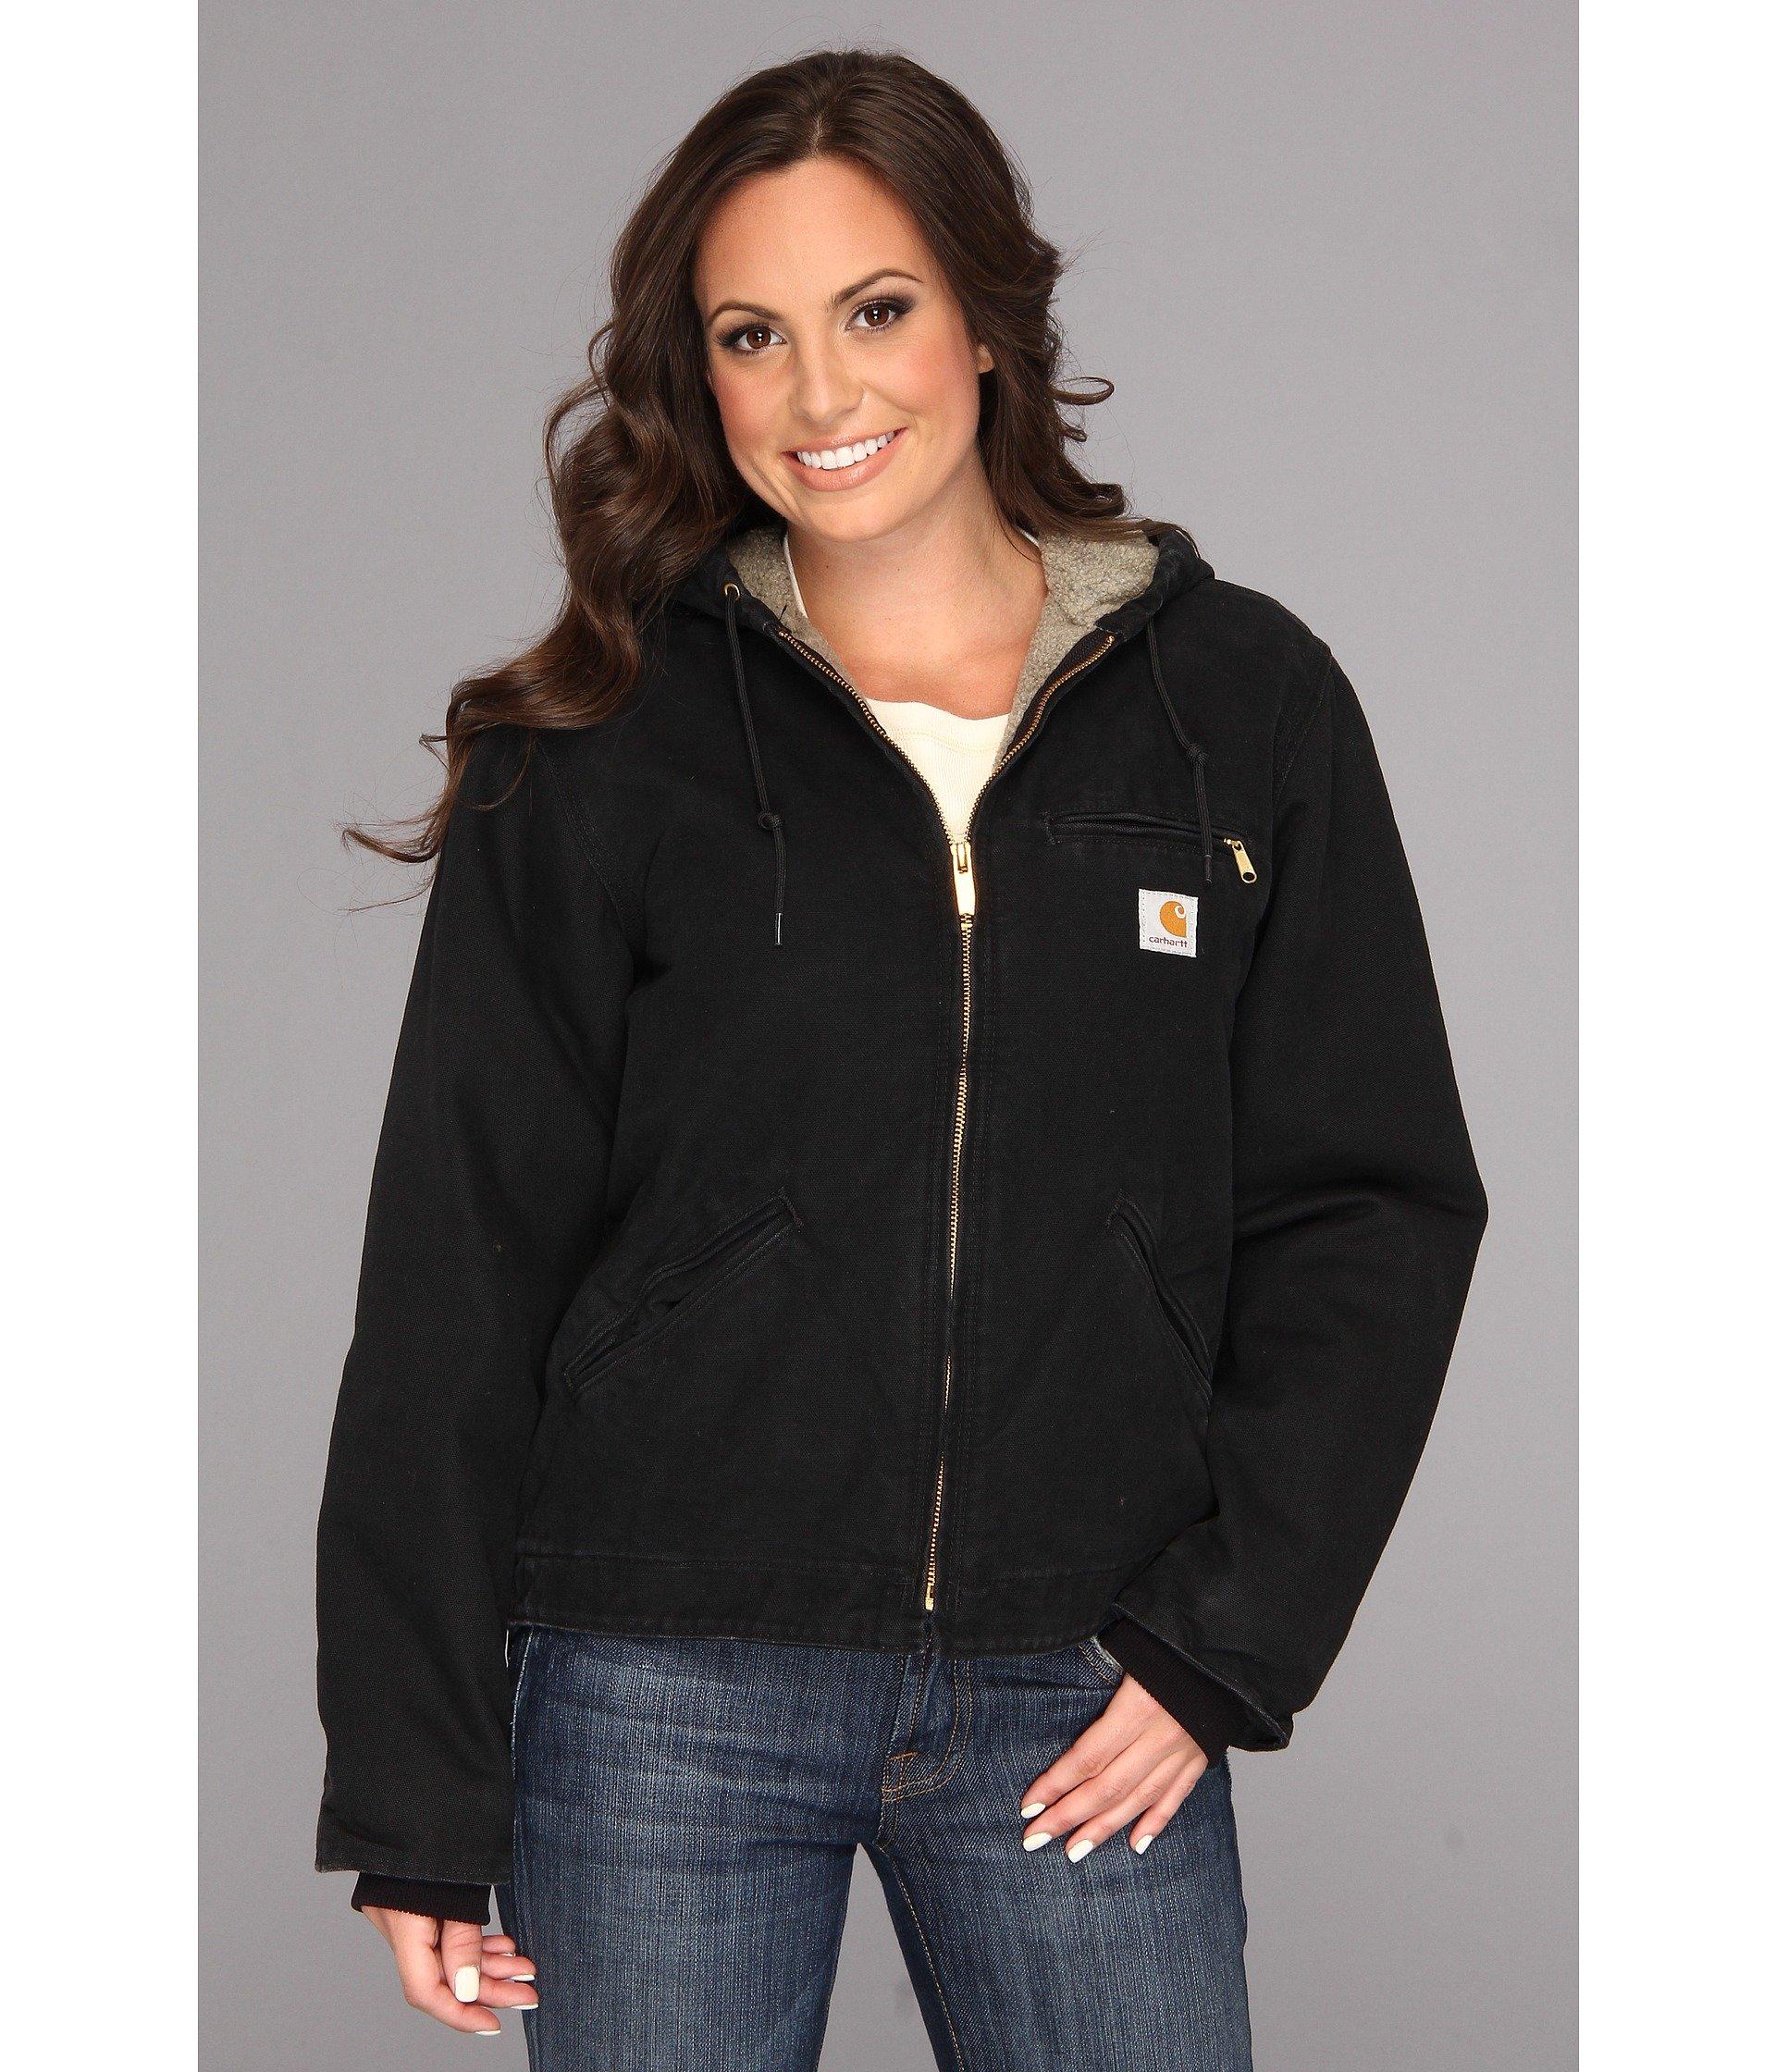 Women's carhartt berkley jacket